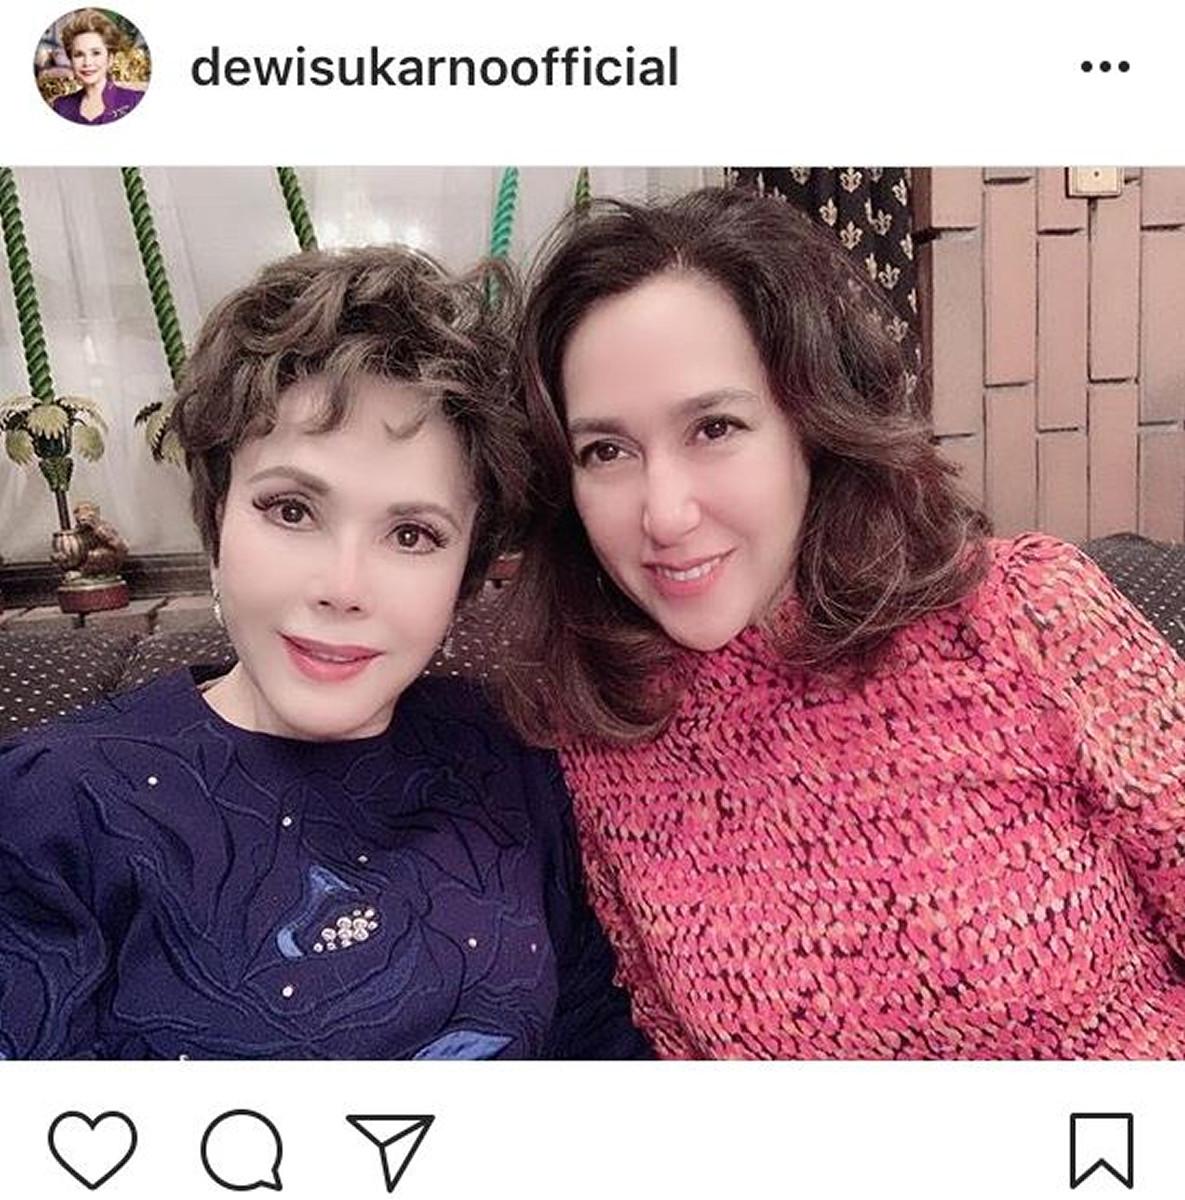 デヴィ夫人 孫 インスタ